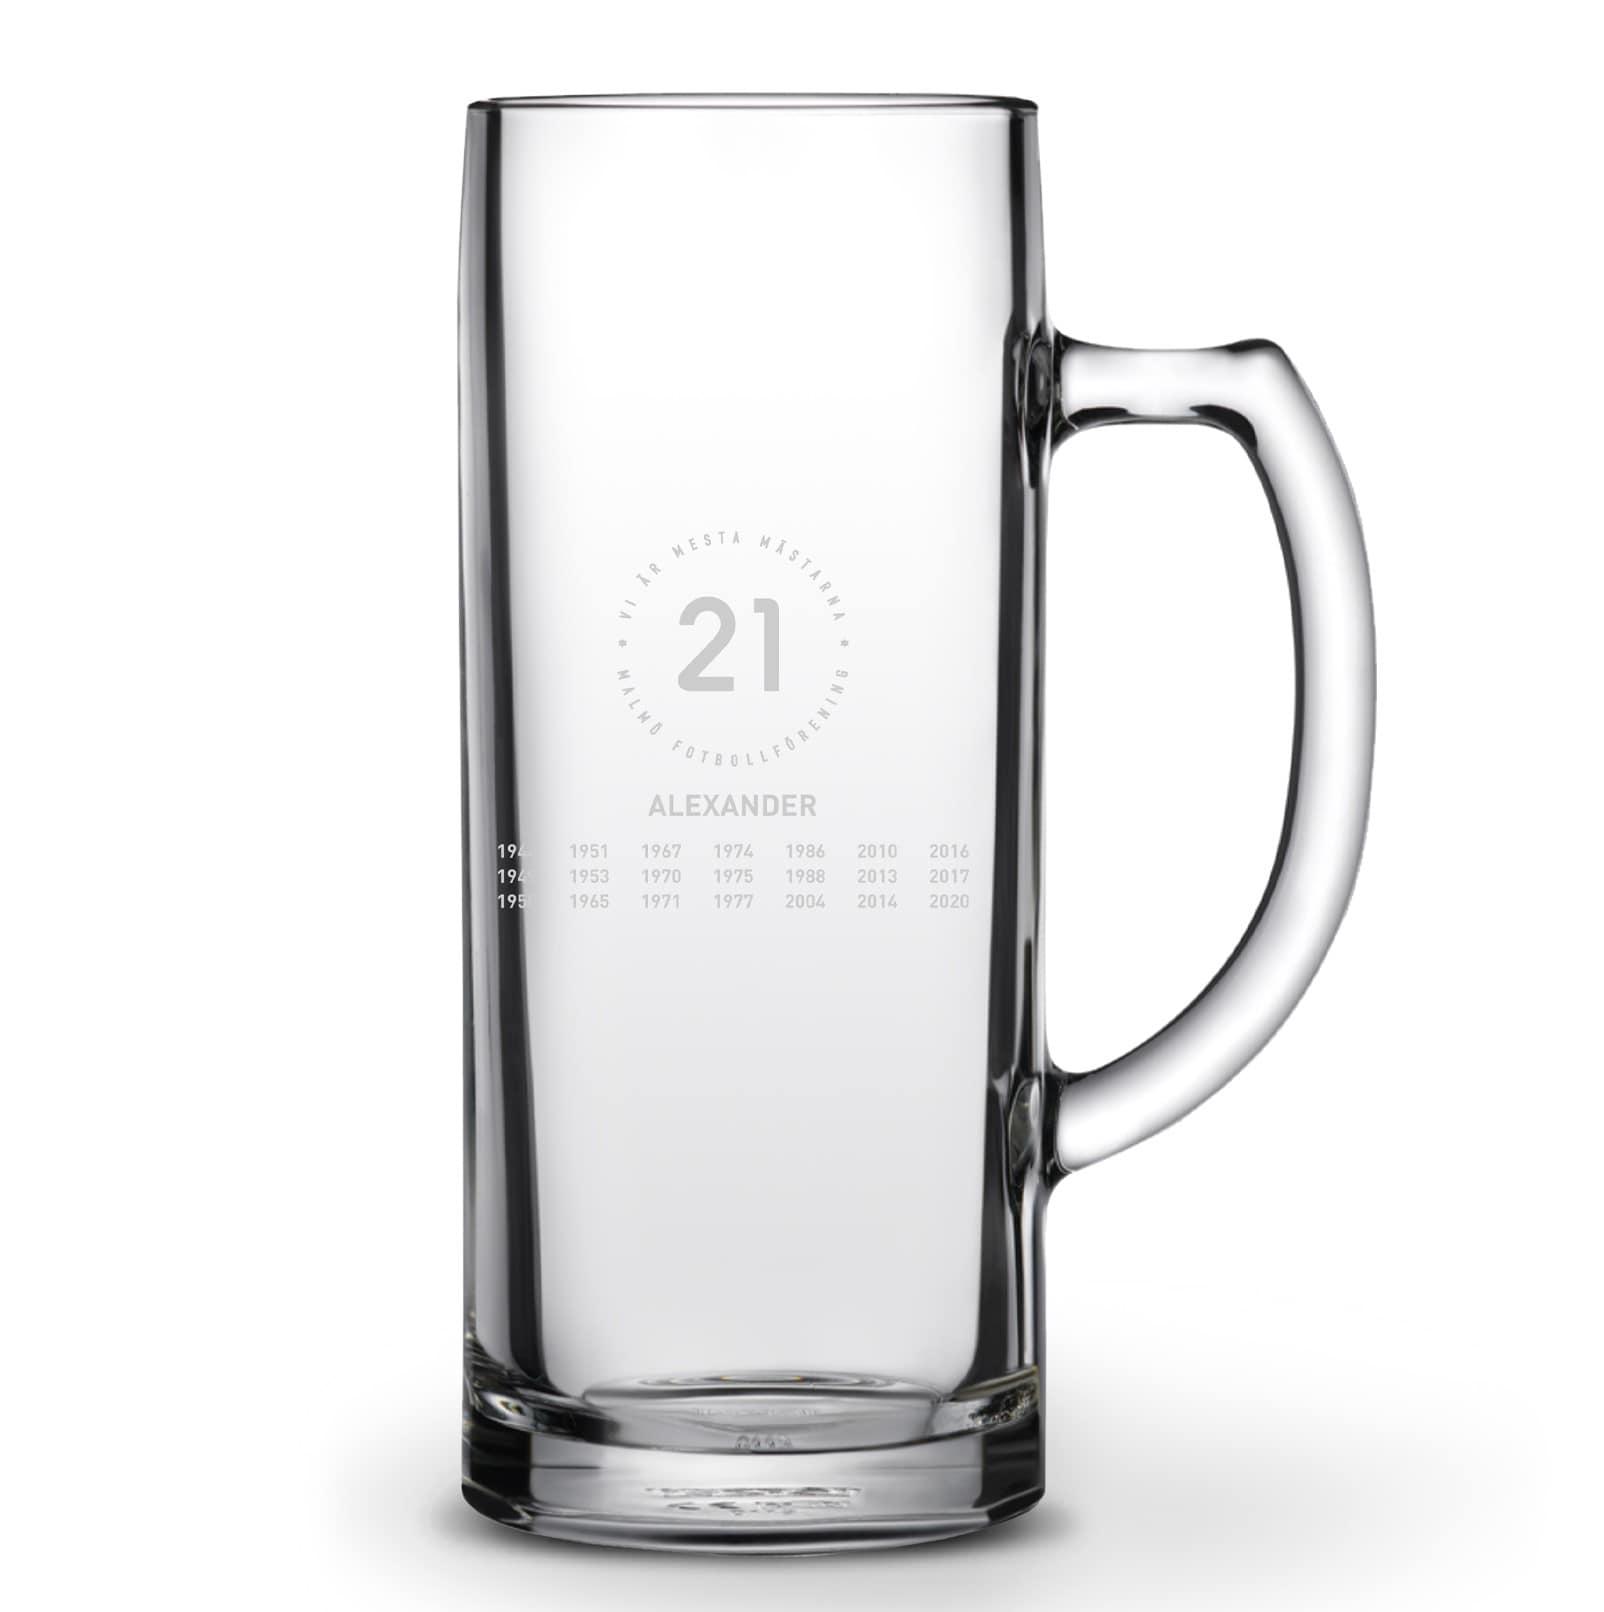 Ölsejdel 21 eget namn